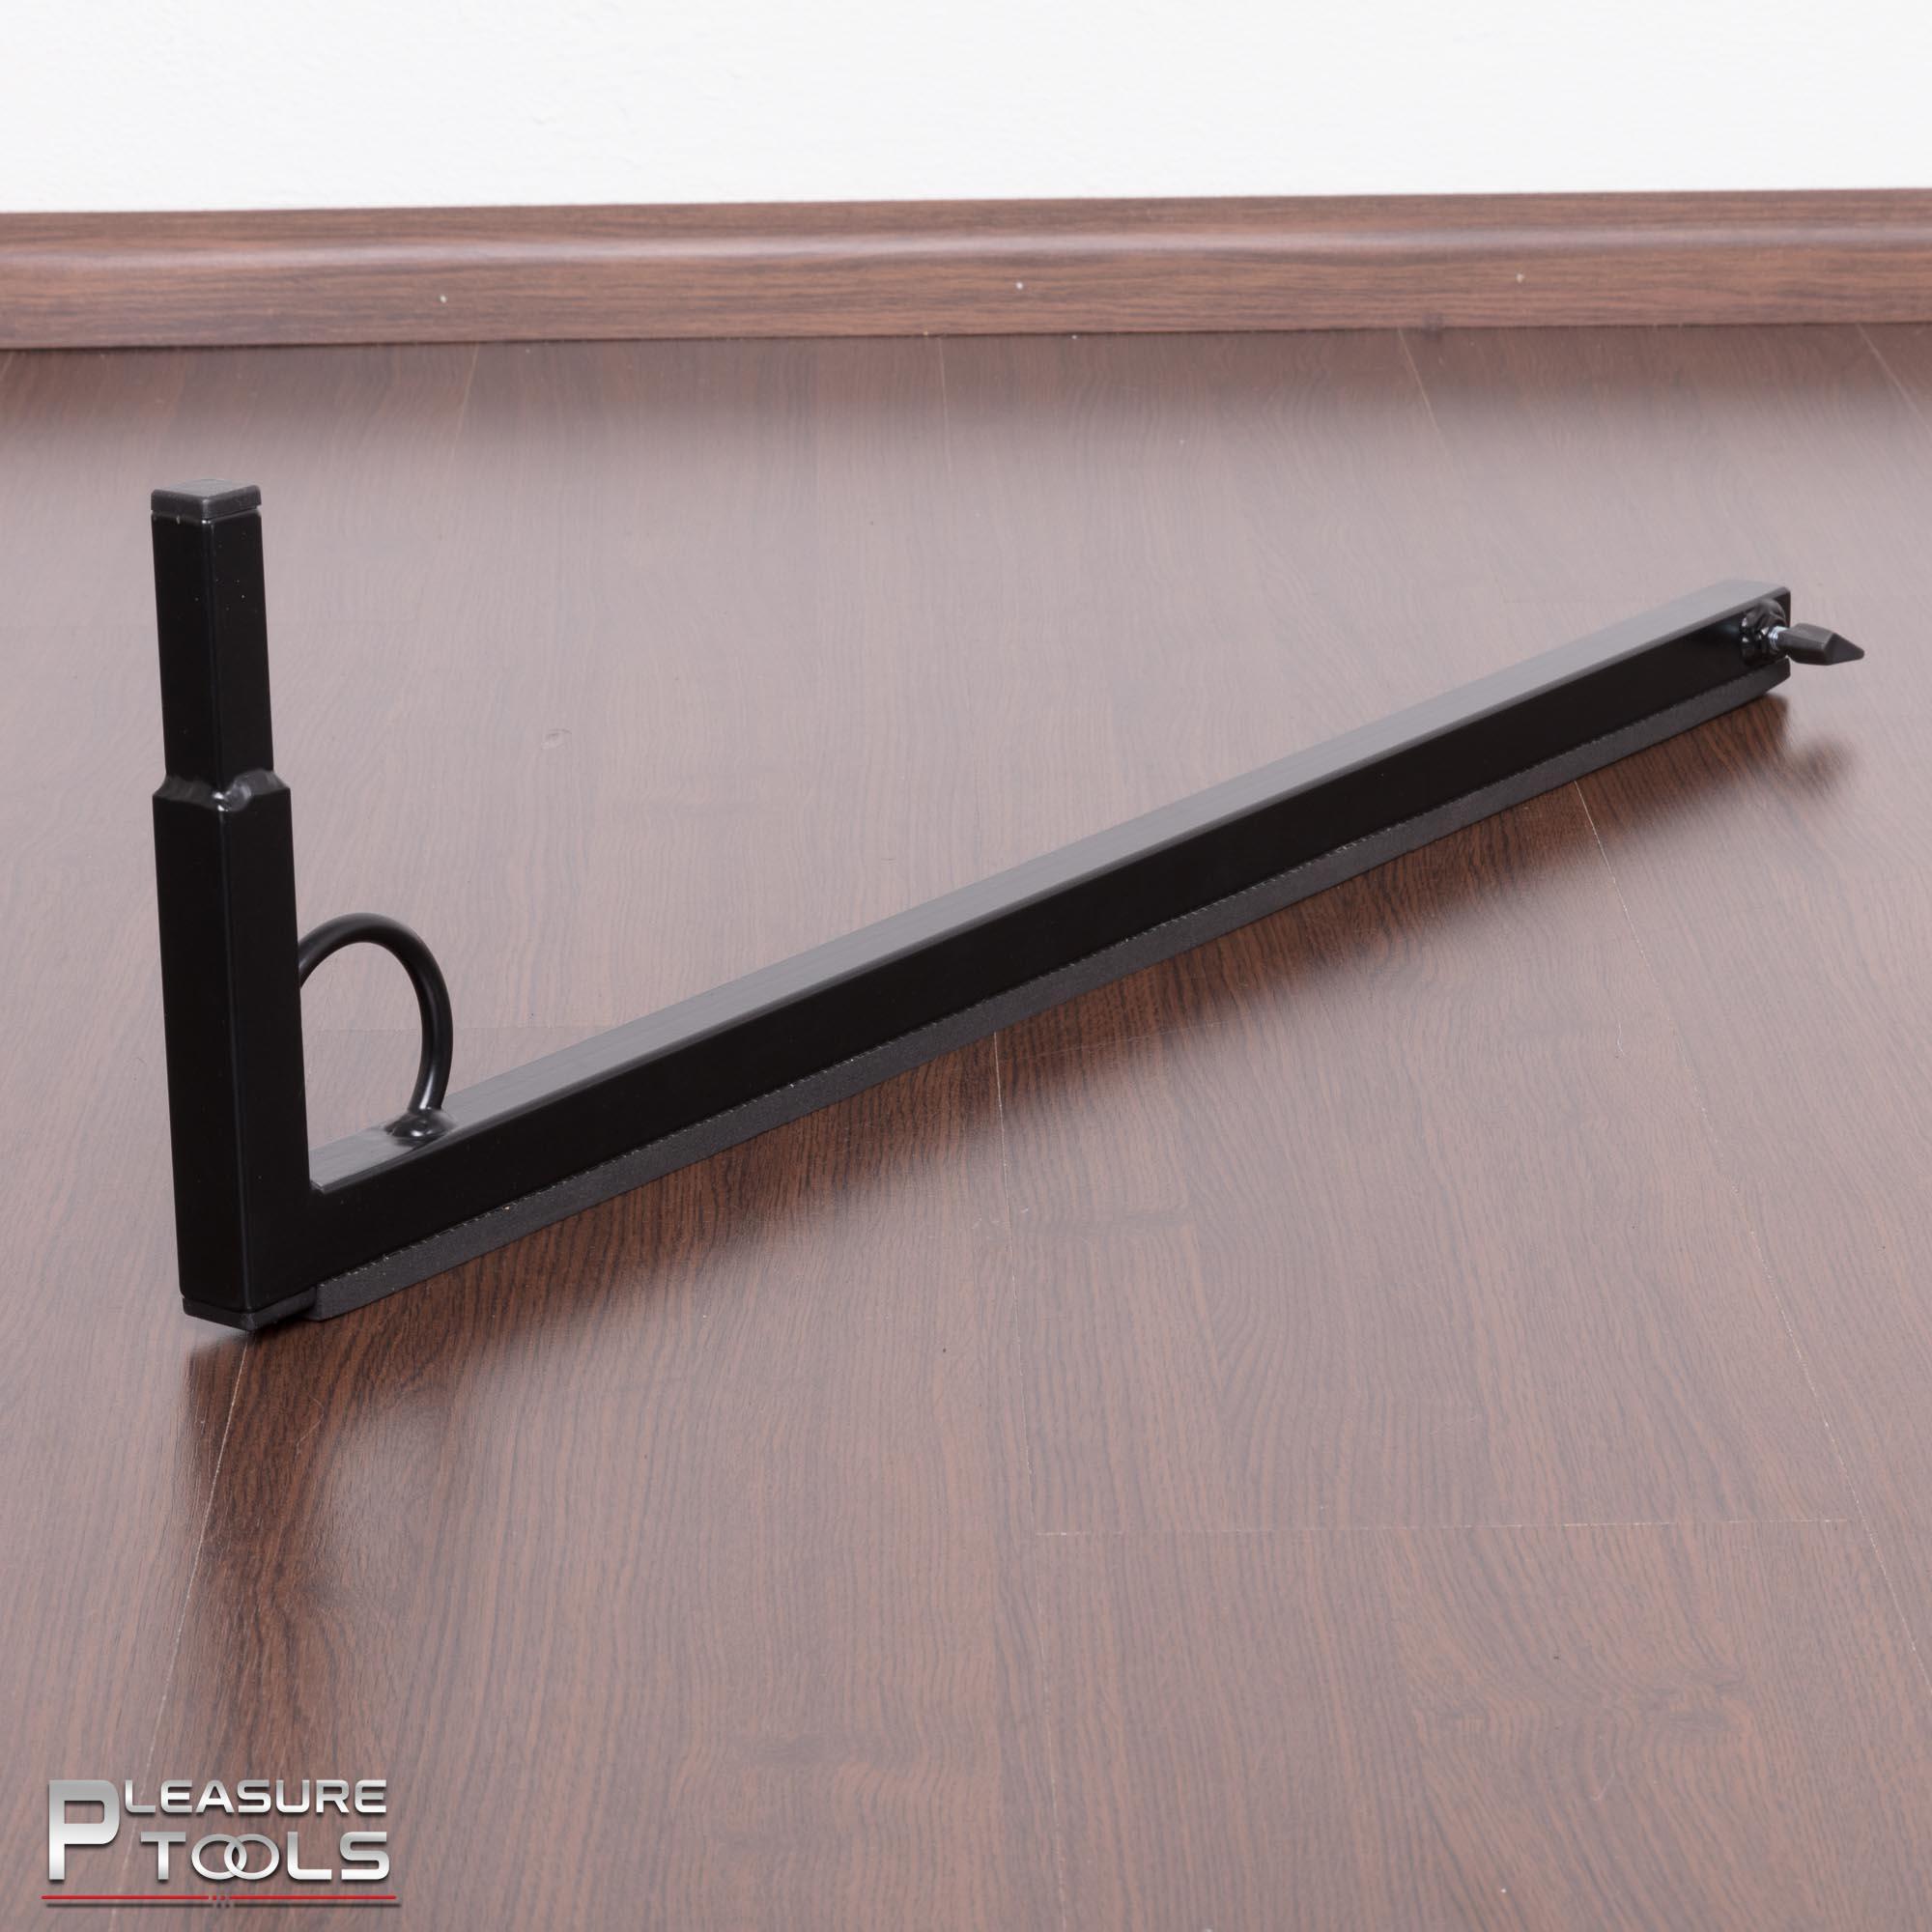 Pleasure Tools frame buis onder